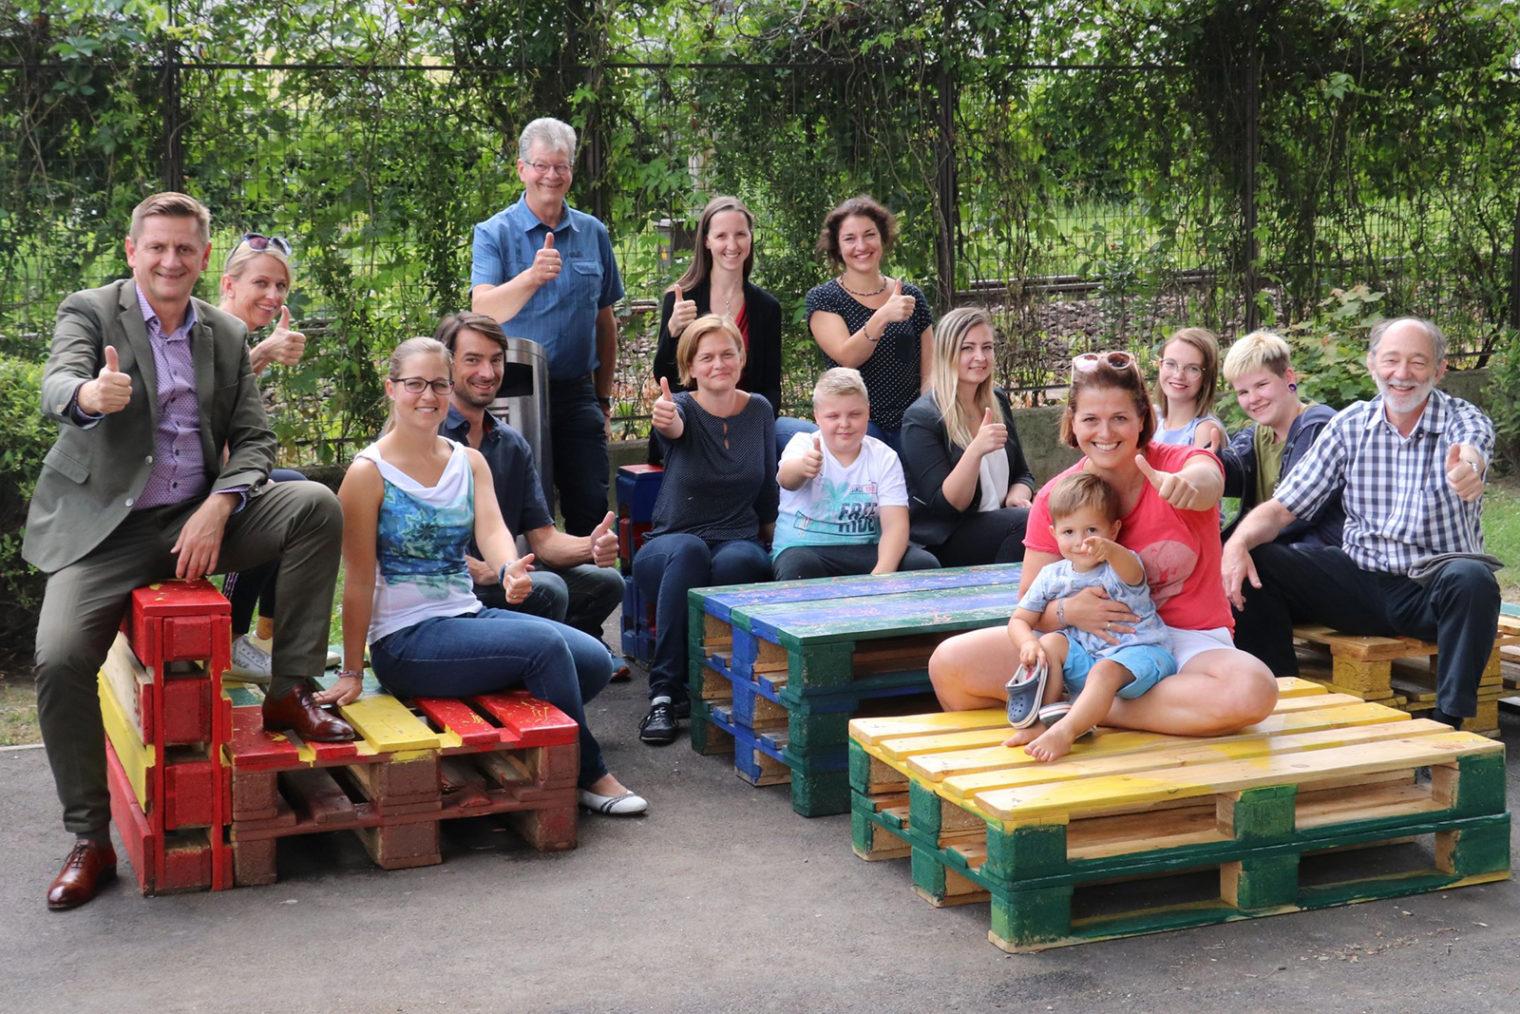 Gruppenbild auf Palettenmöbeln